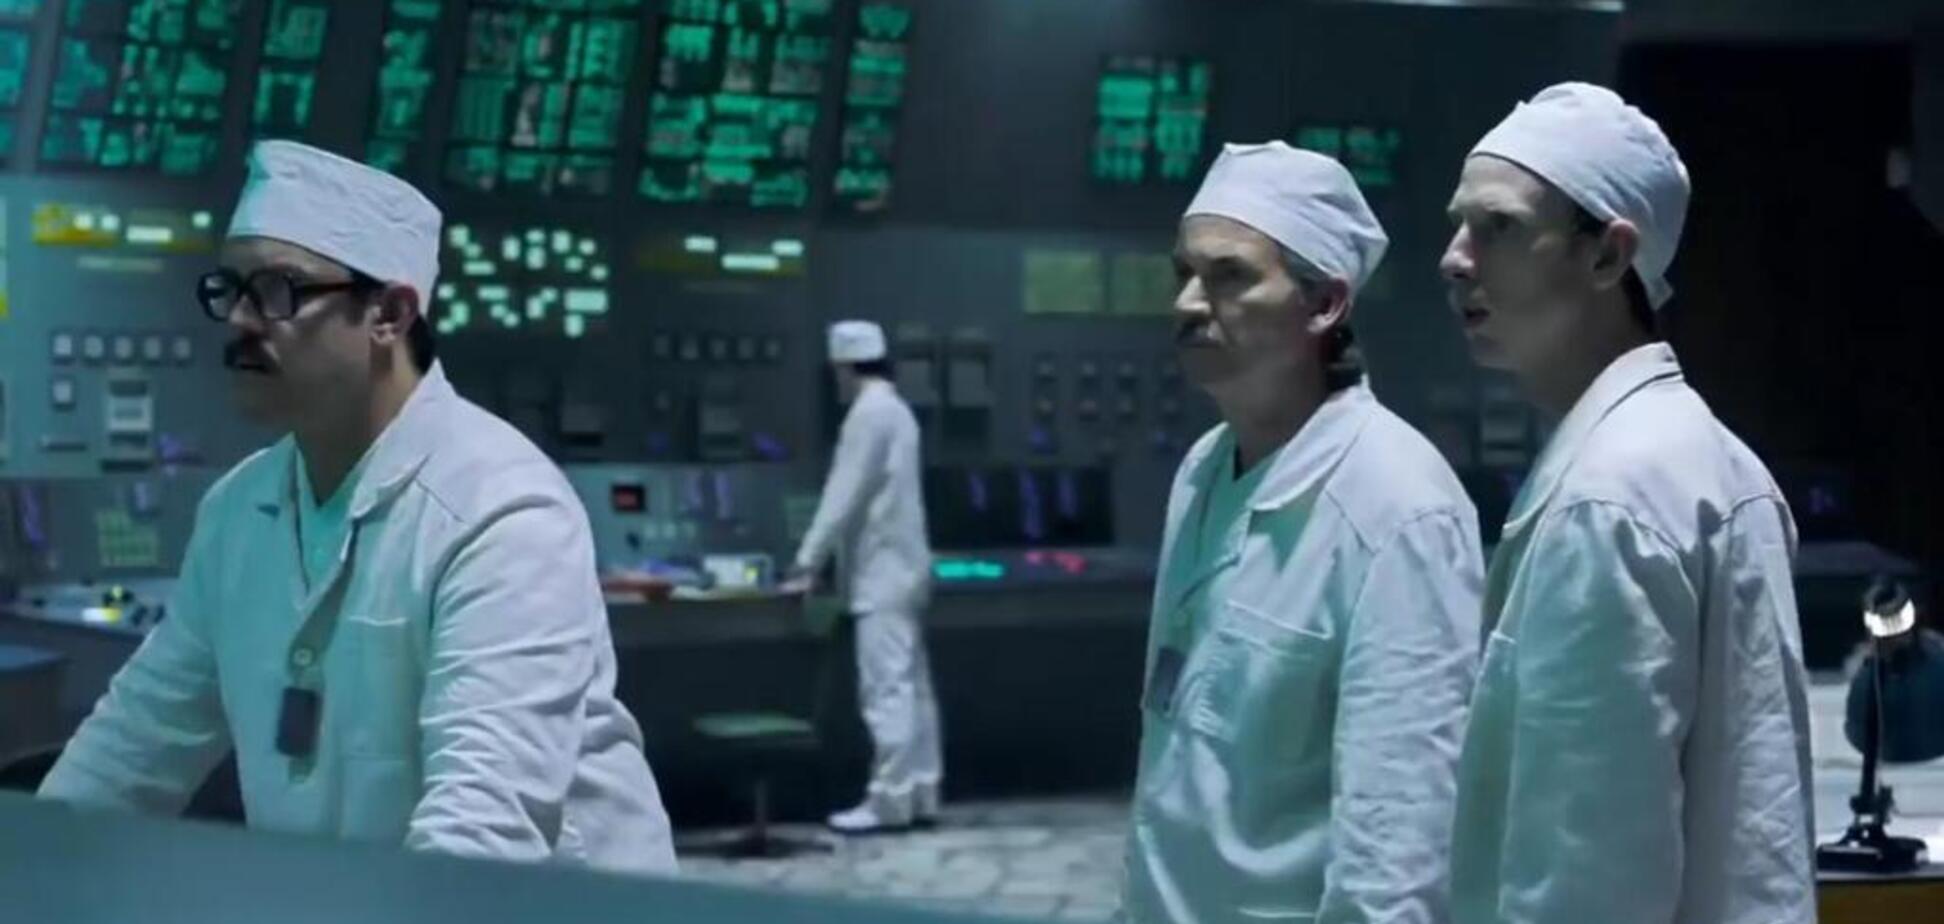 Генерал напомнил авторам 'Чернобыля' о важном преступлении СССР